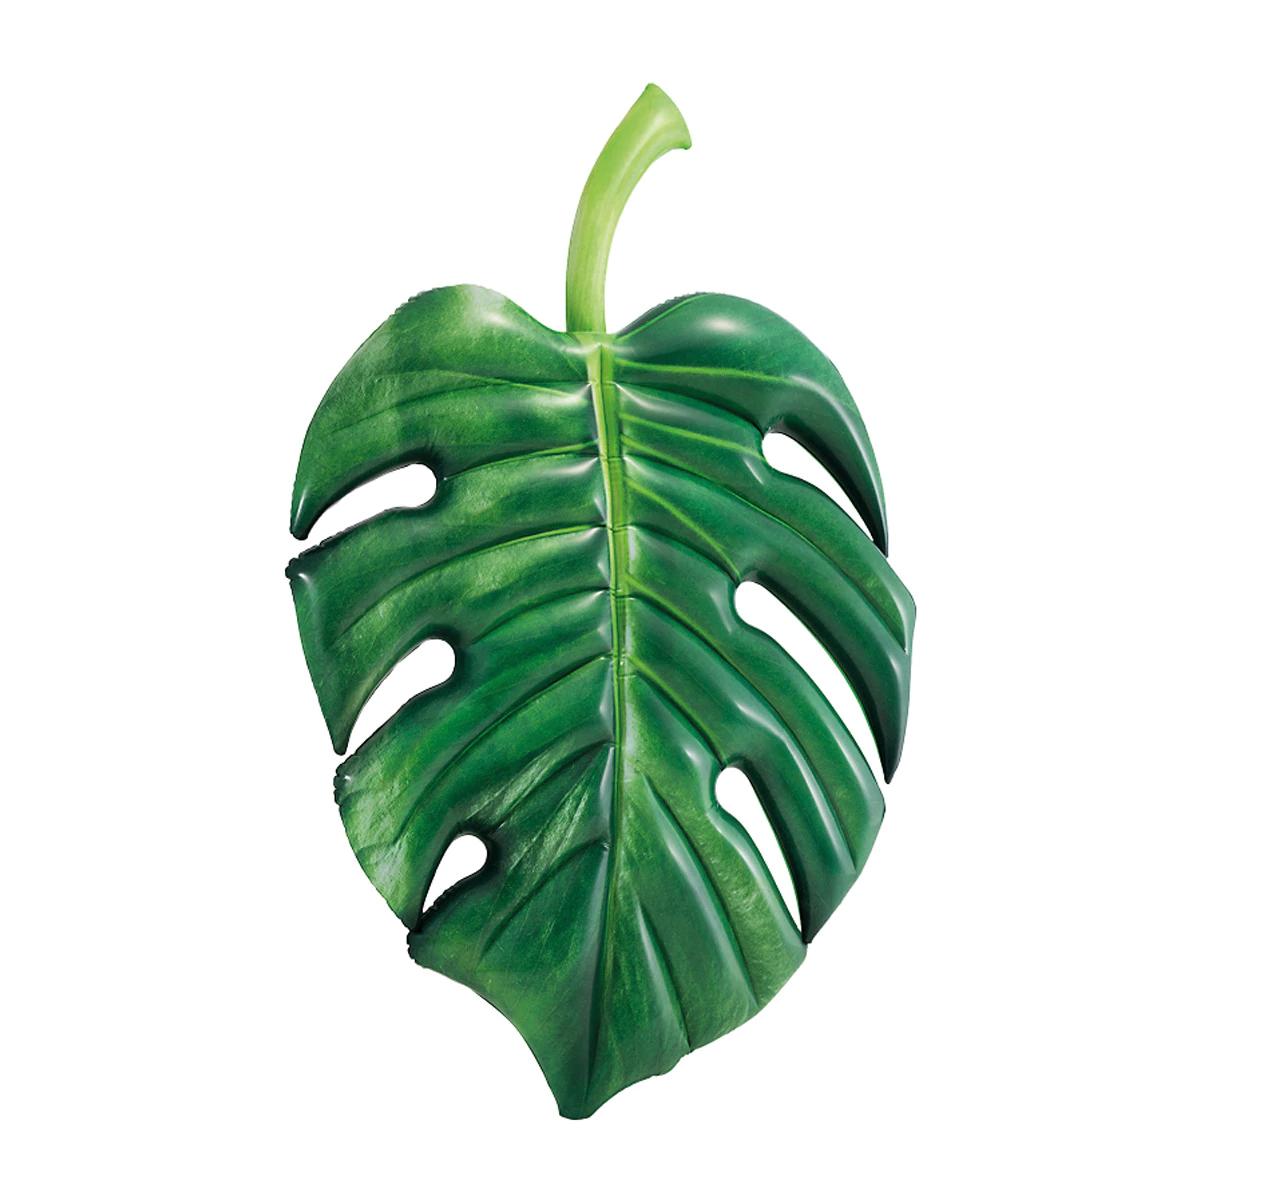 Colchoneta con forma de hoja tropical